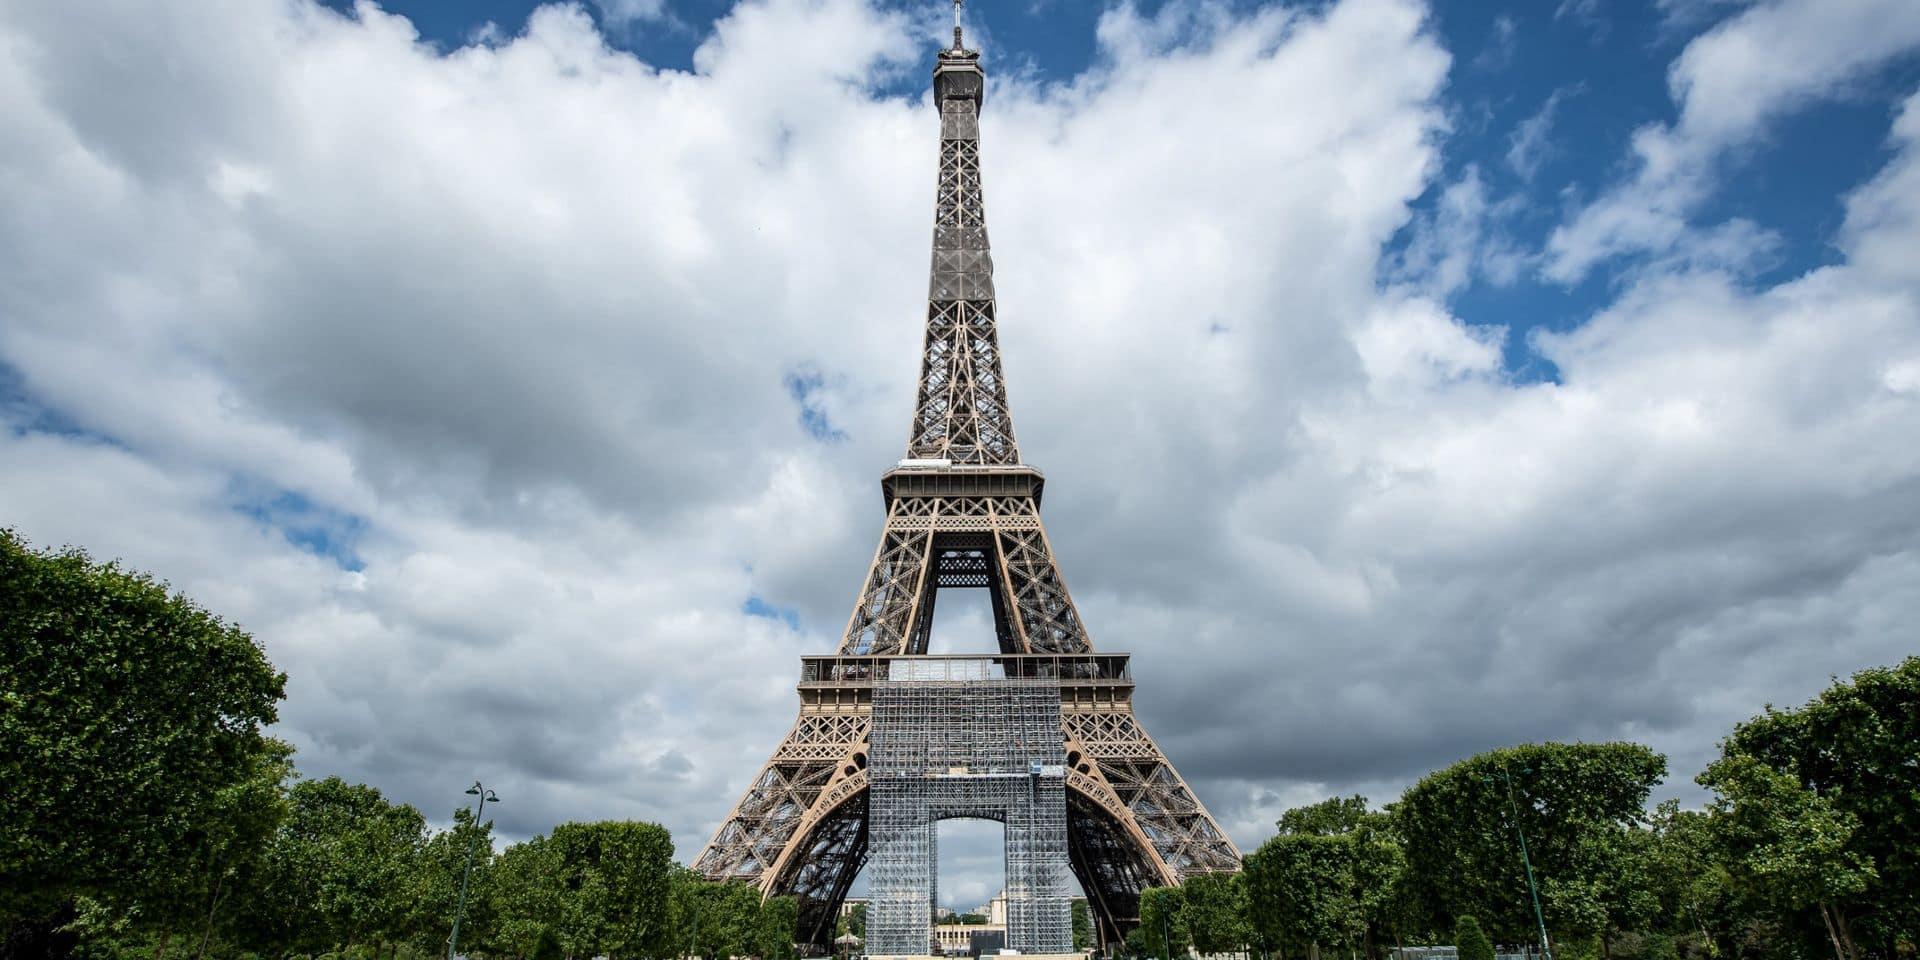 L'activité touristique à Paris pourrait chuter de plus de moitié cet été